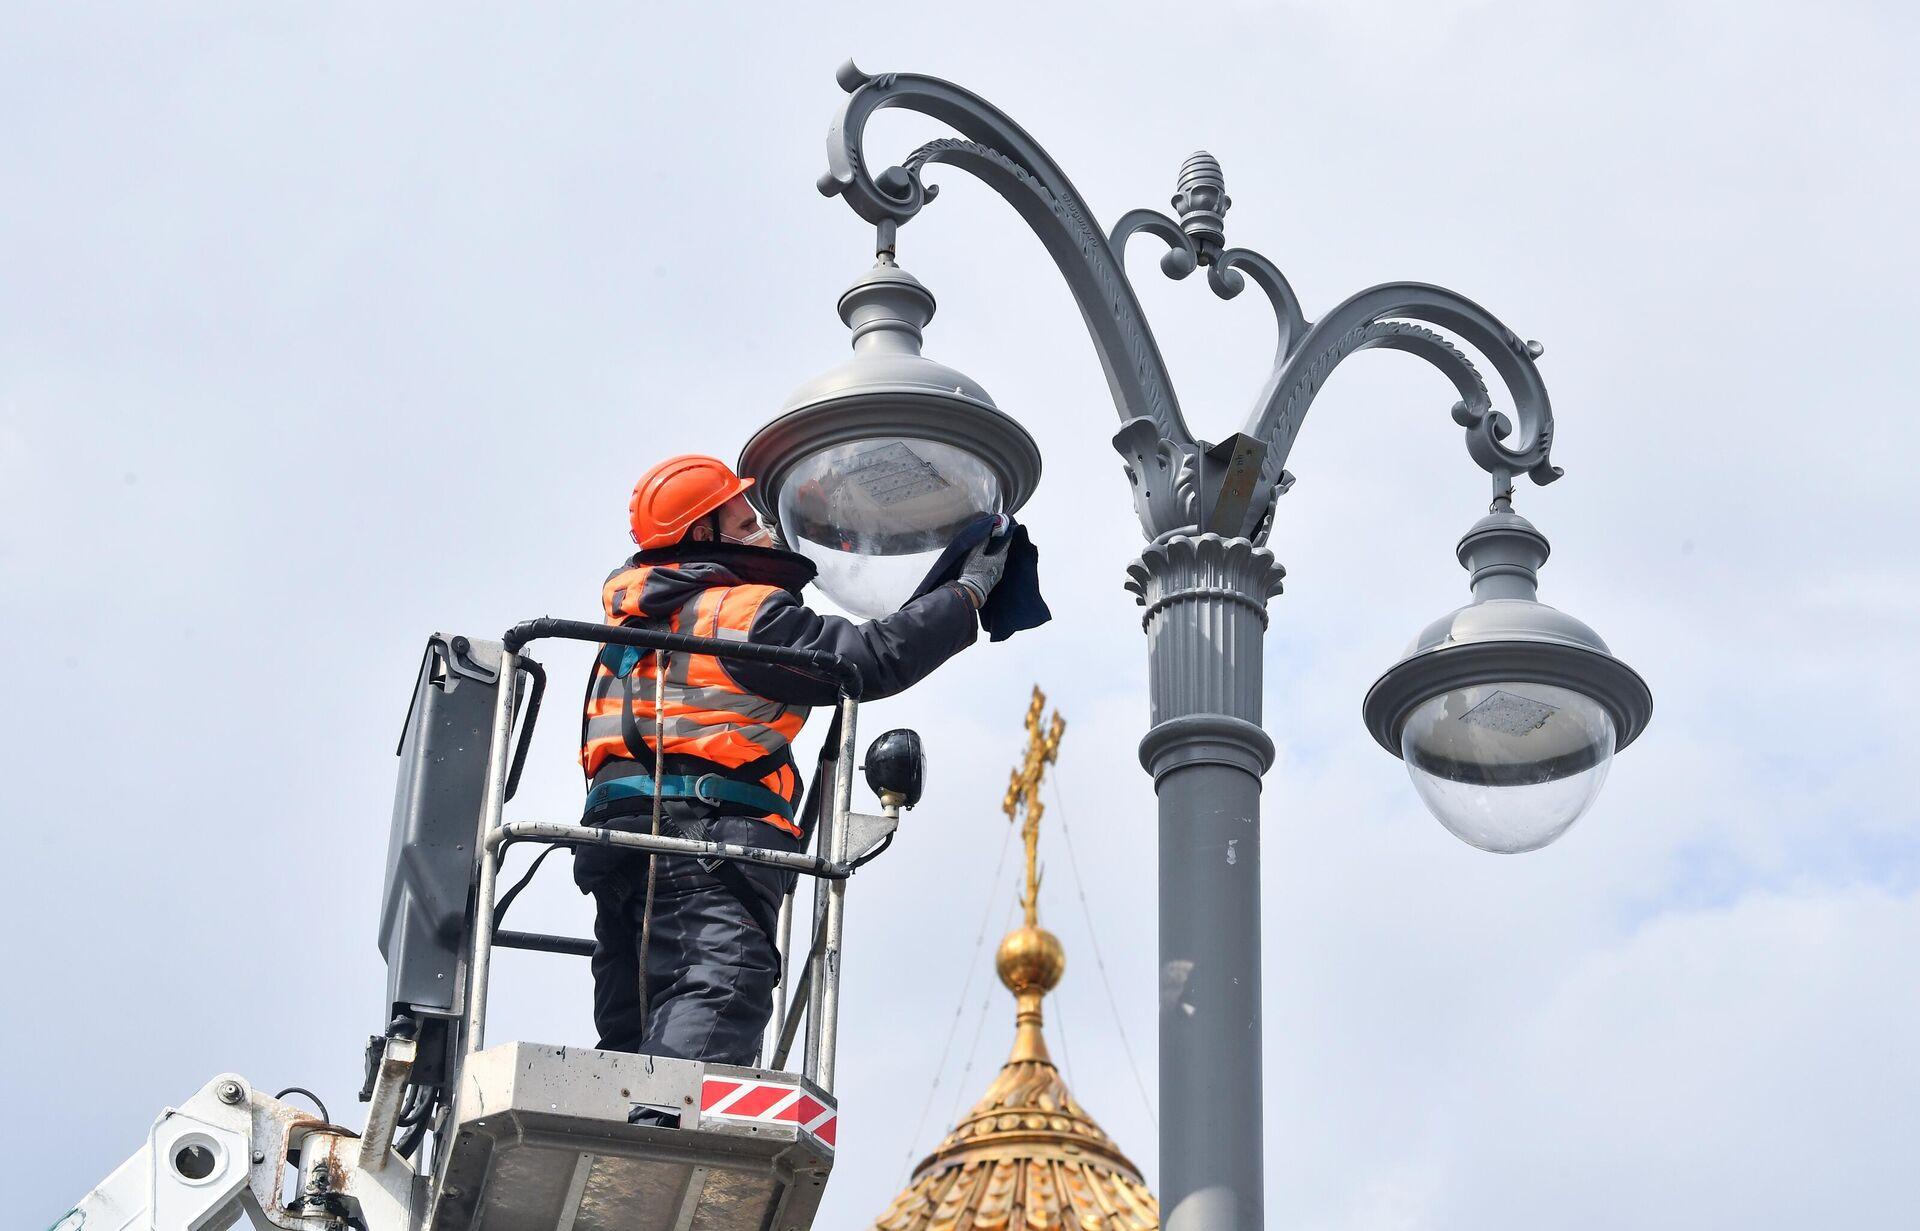 Сотрудник коммунальной службы протирает плафон фонаря наружного освещения на Пречистенской набережной в Москве - РИА Новости, 1920, 28.05.2021